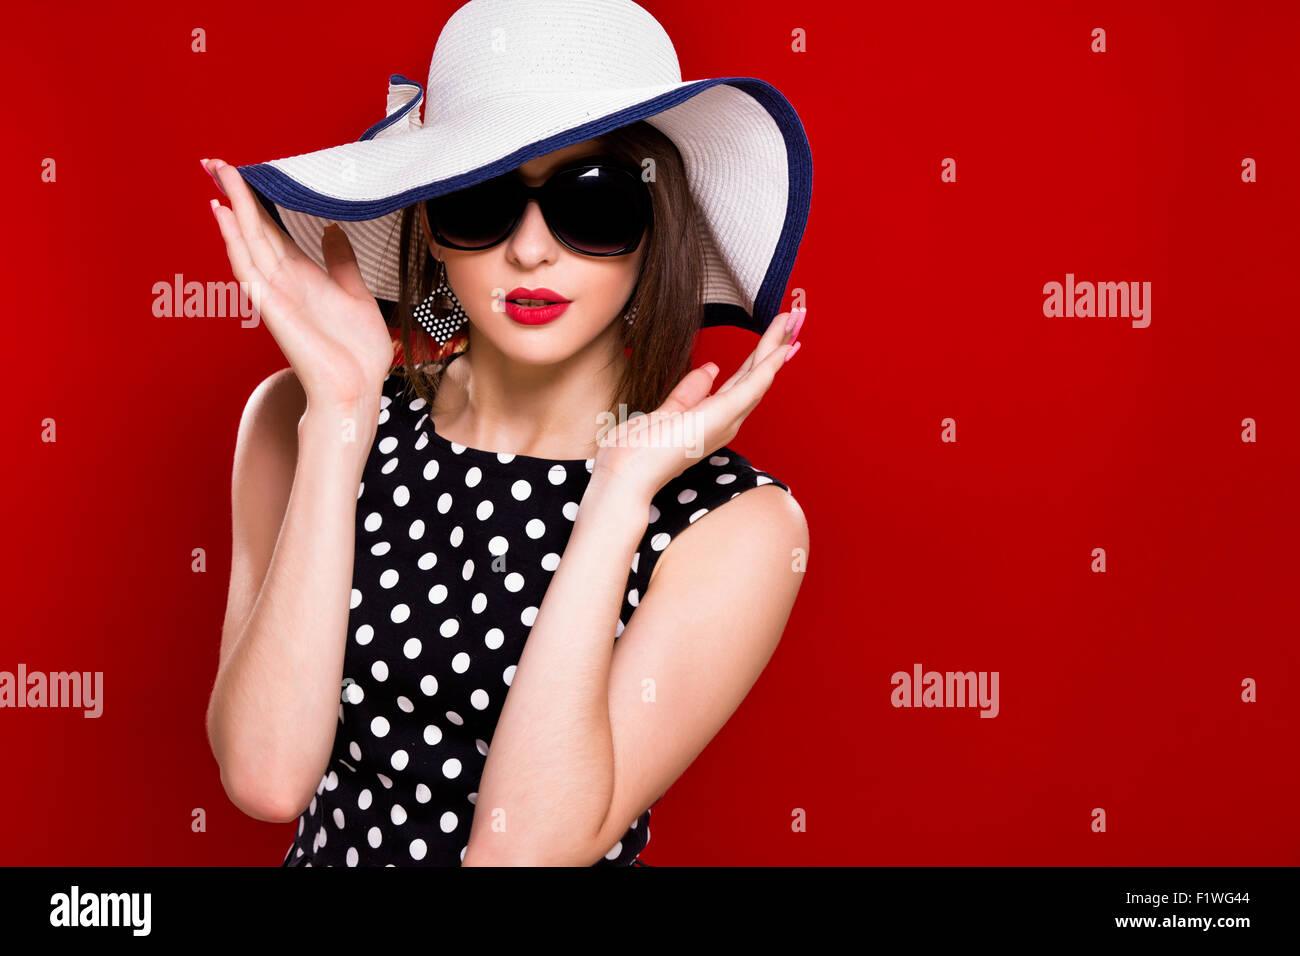 Hübsches junges Mädchen mit dunklen Haaren, in schwarz mit weißen Punkten  Bluse, Sonnenbrillen und weißen Hut tragen posiert auf einem roten Hinterg 230cd3e6dc